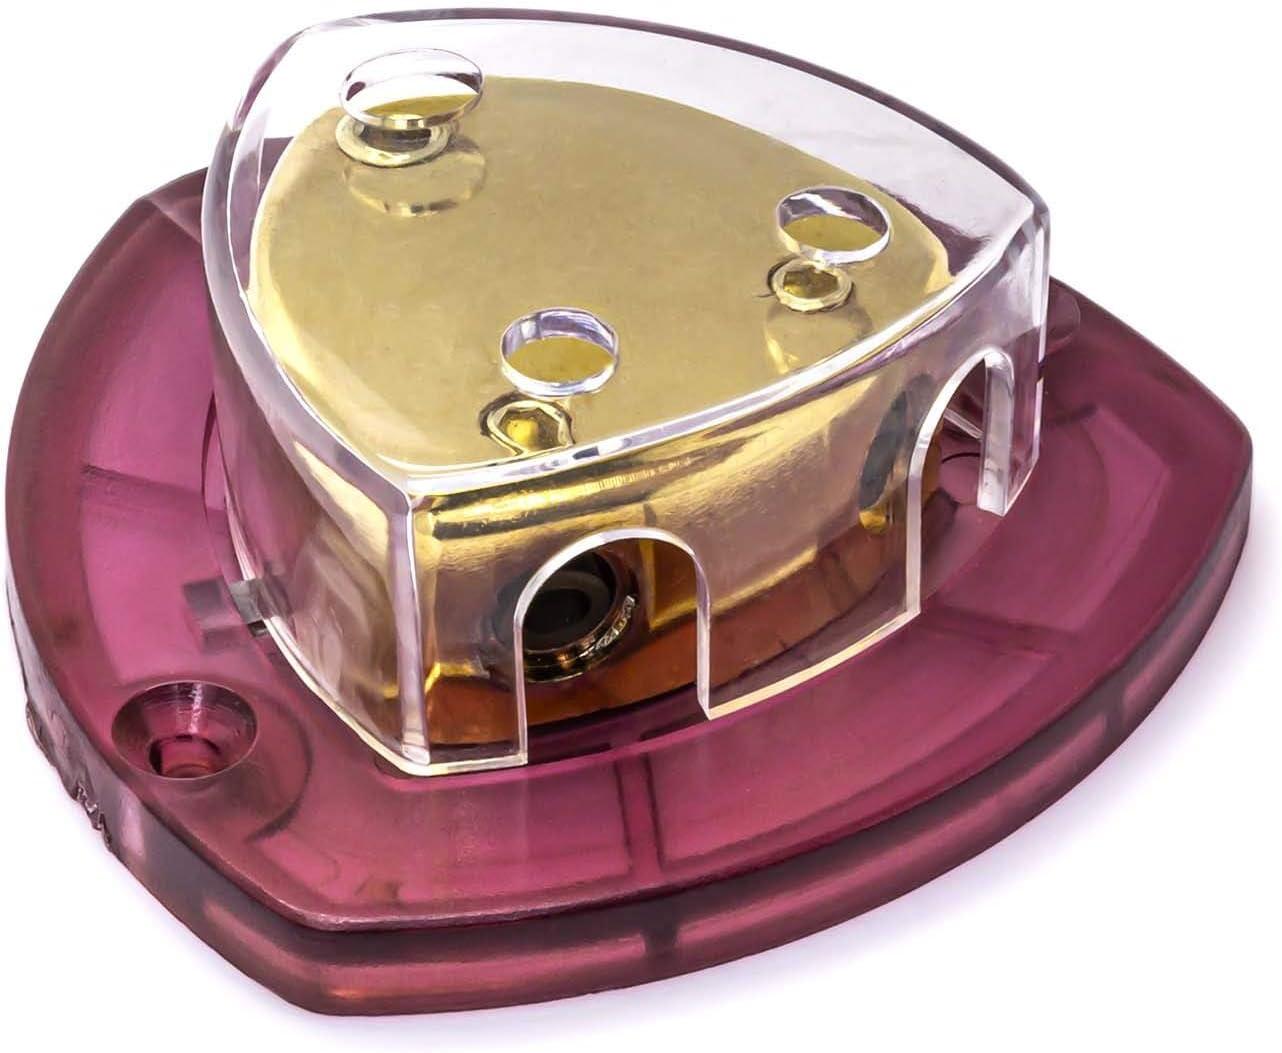 Strom Kabel Verteiler Block Auto Kfz Pkw 12v Verstärker 1x 25mm 2x 16mm 1 Zu 2 Auto